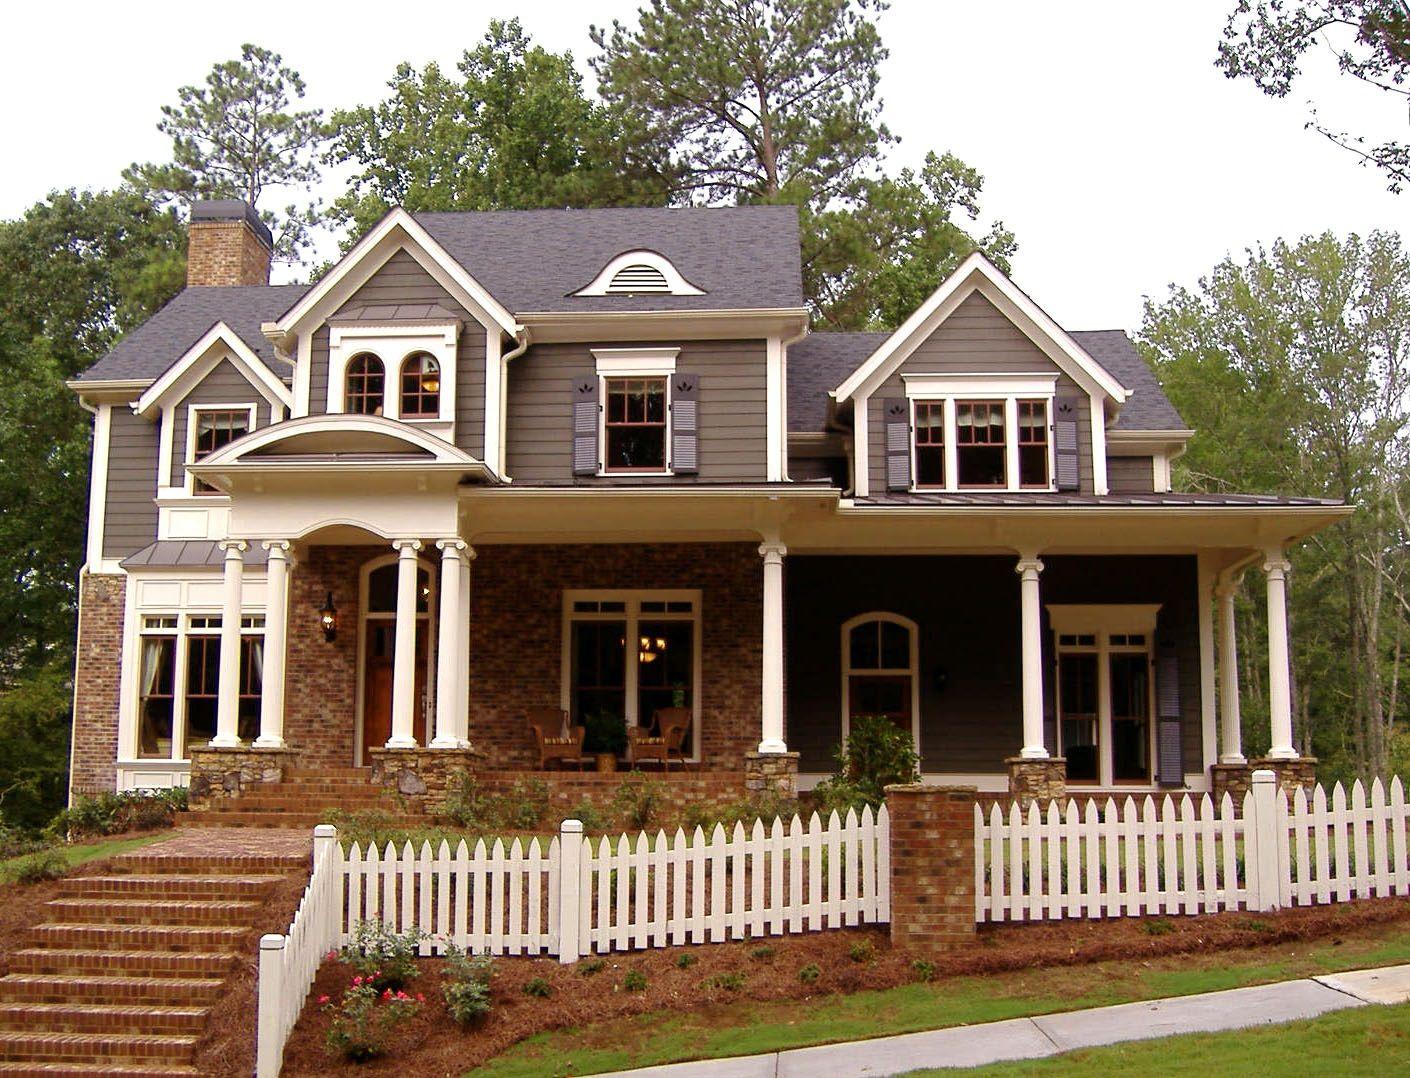 Foto De Casa Americana De Madera Y Ladrillo Visto Craftsman House Renting A House Home